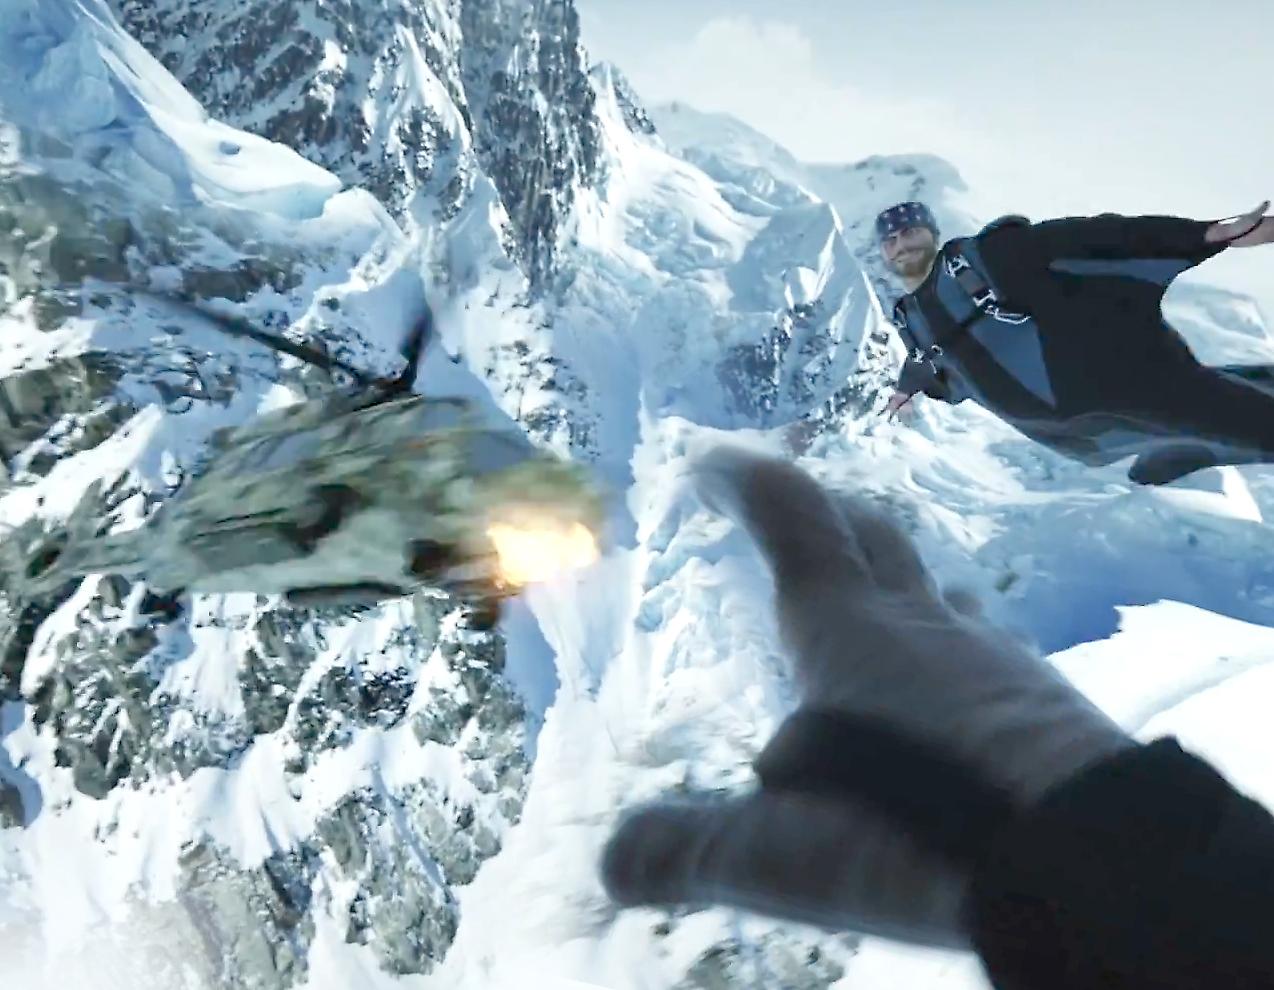 Йокке Соммер спрыгнул с вершины горы, чтобы показать игрокам Far Cry 4 всю реалистичность полета на вингсьюте